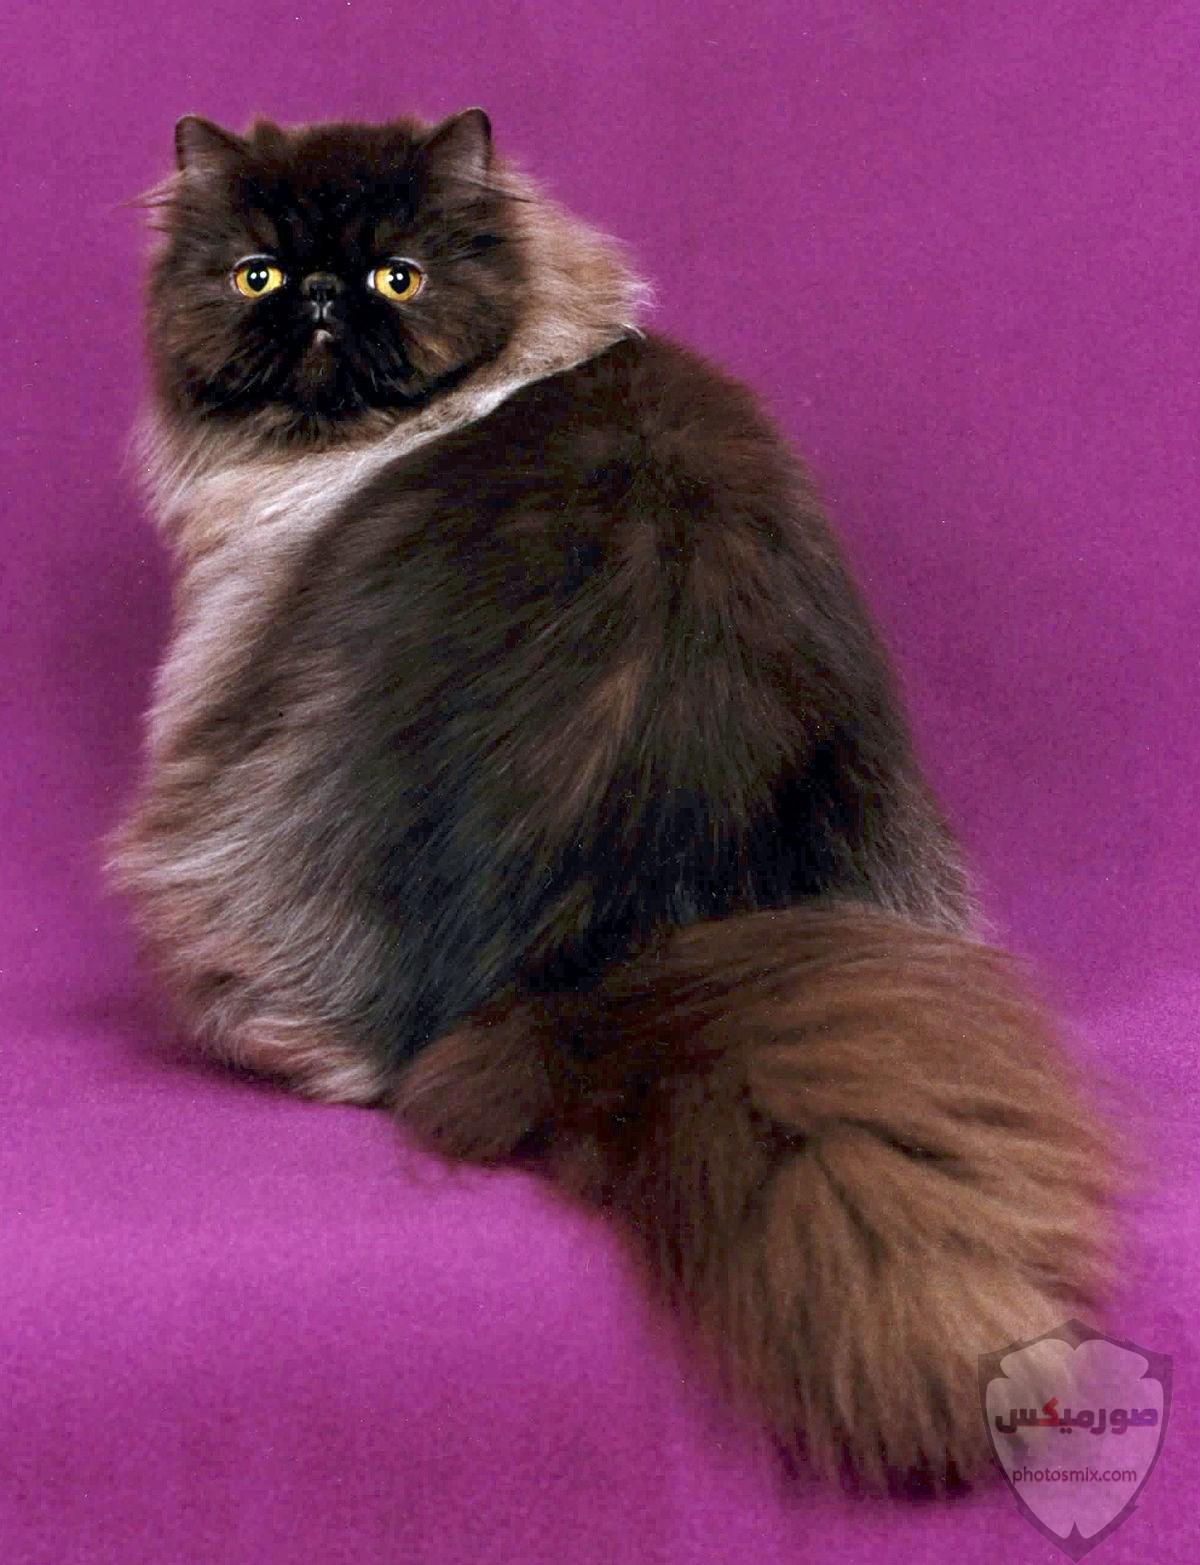 صور خلفيات رمزيات قطط كيوت صورة قطة كيوت جدا 54